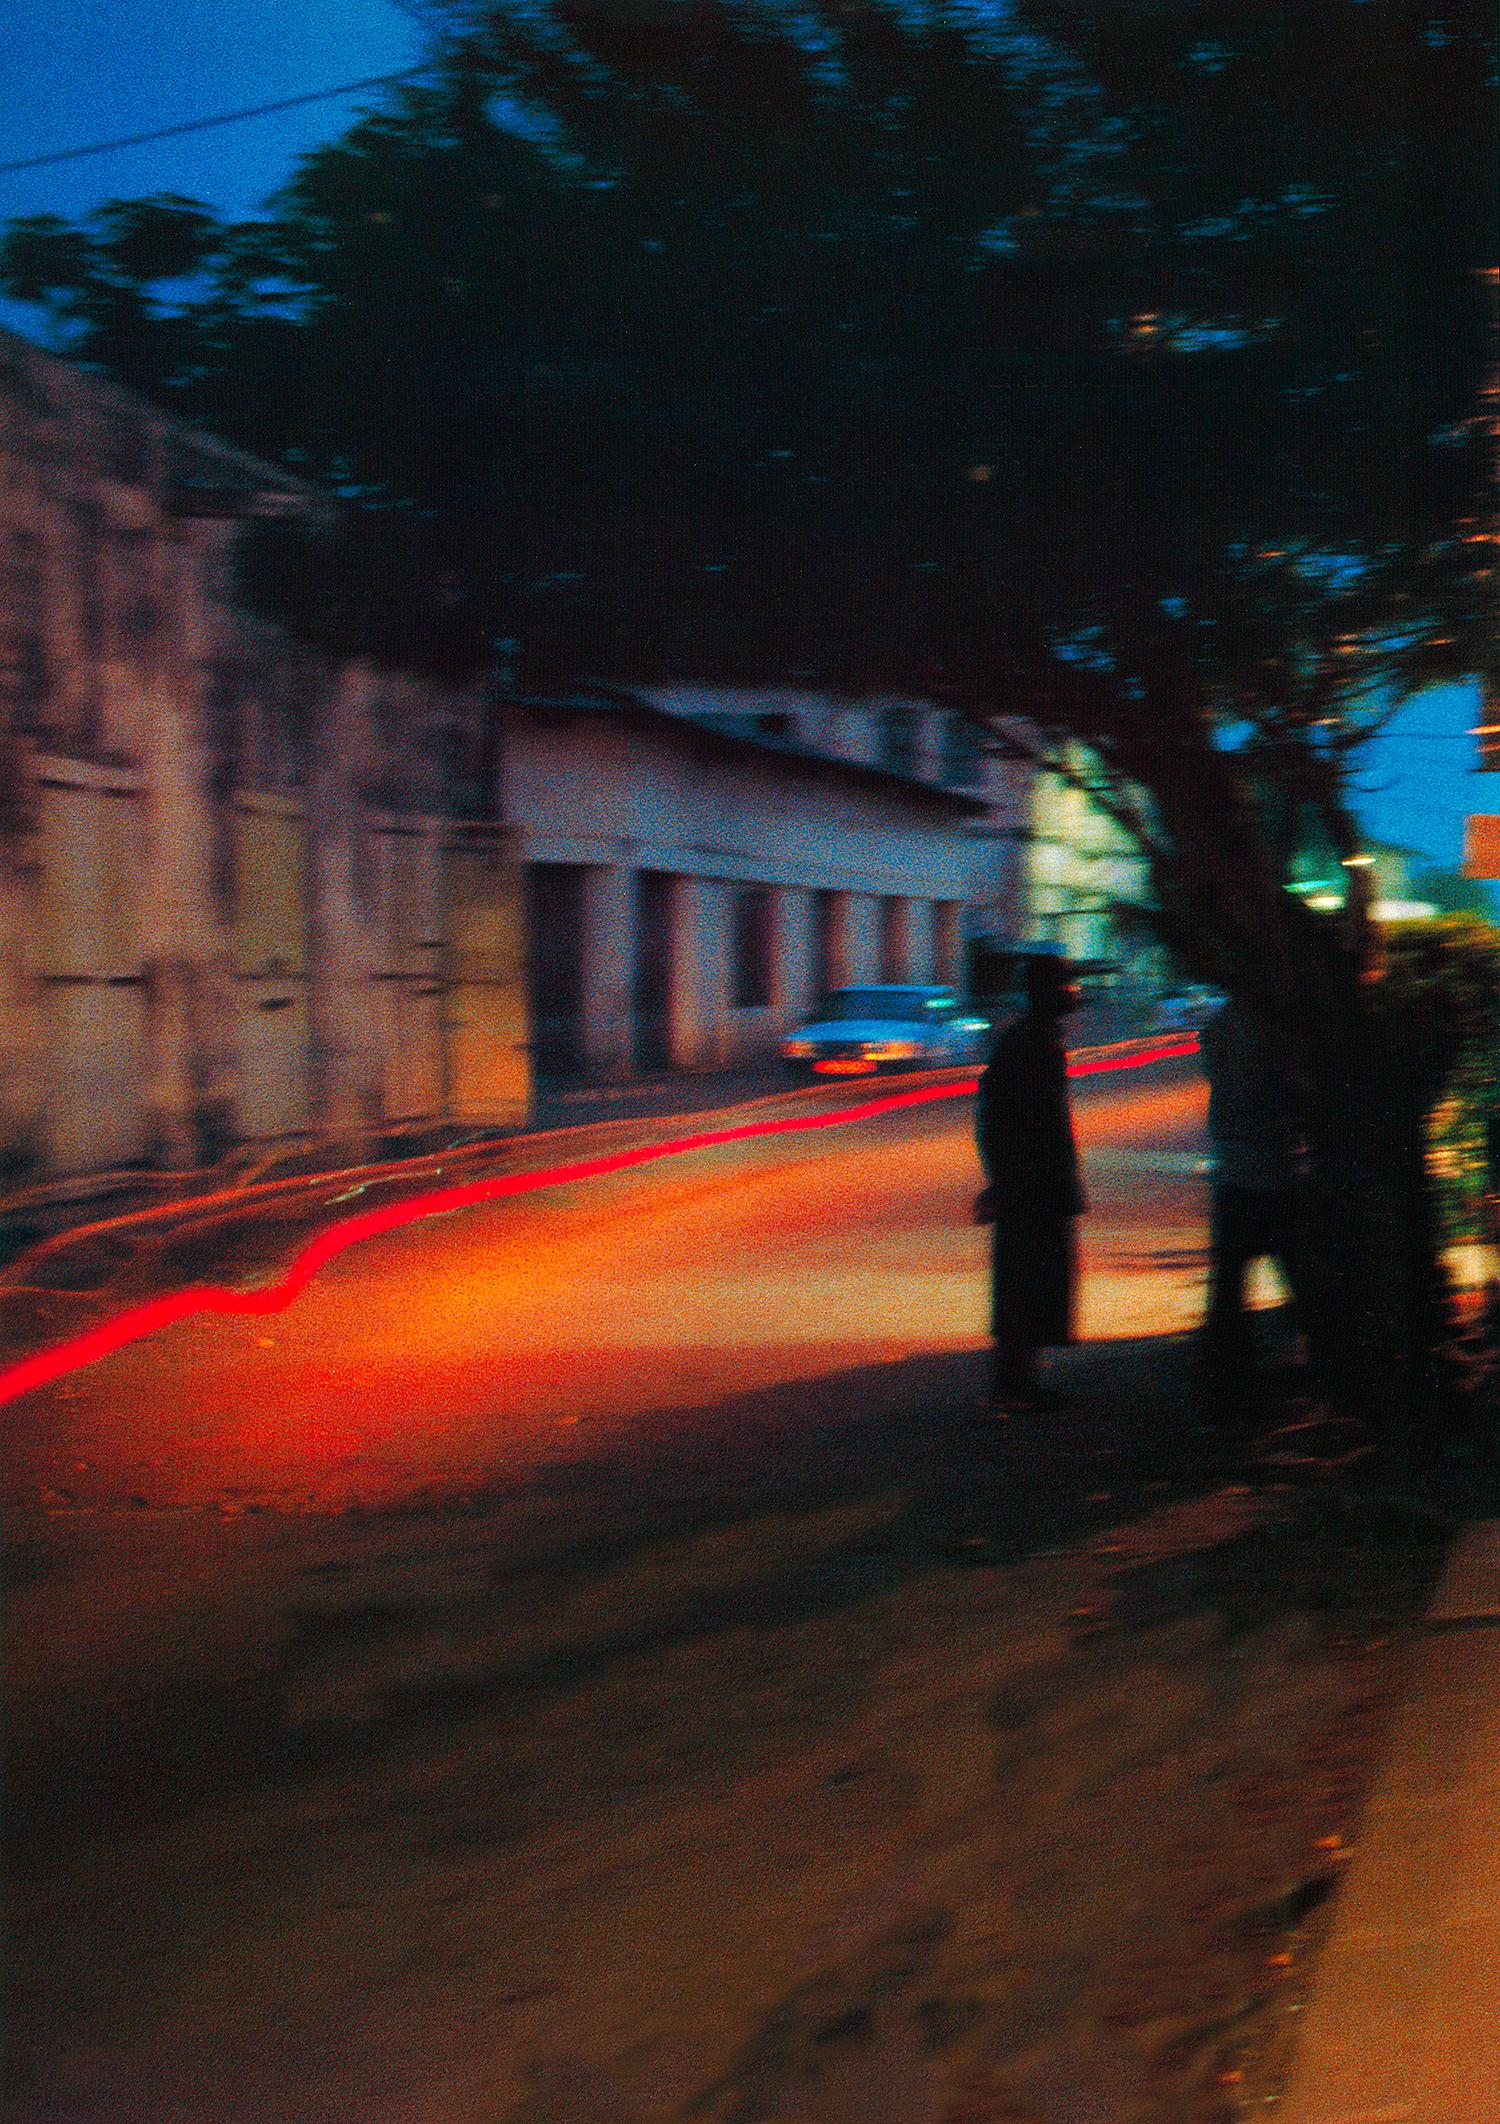 Dans la nuit de Grand-Bassam, près d'Abidjan, Côte d'Ivoire© photo Revue Noire